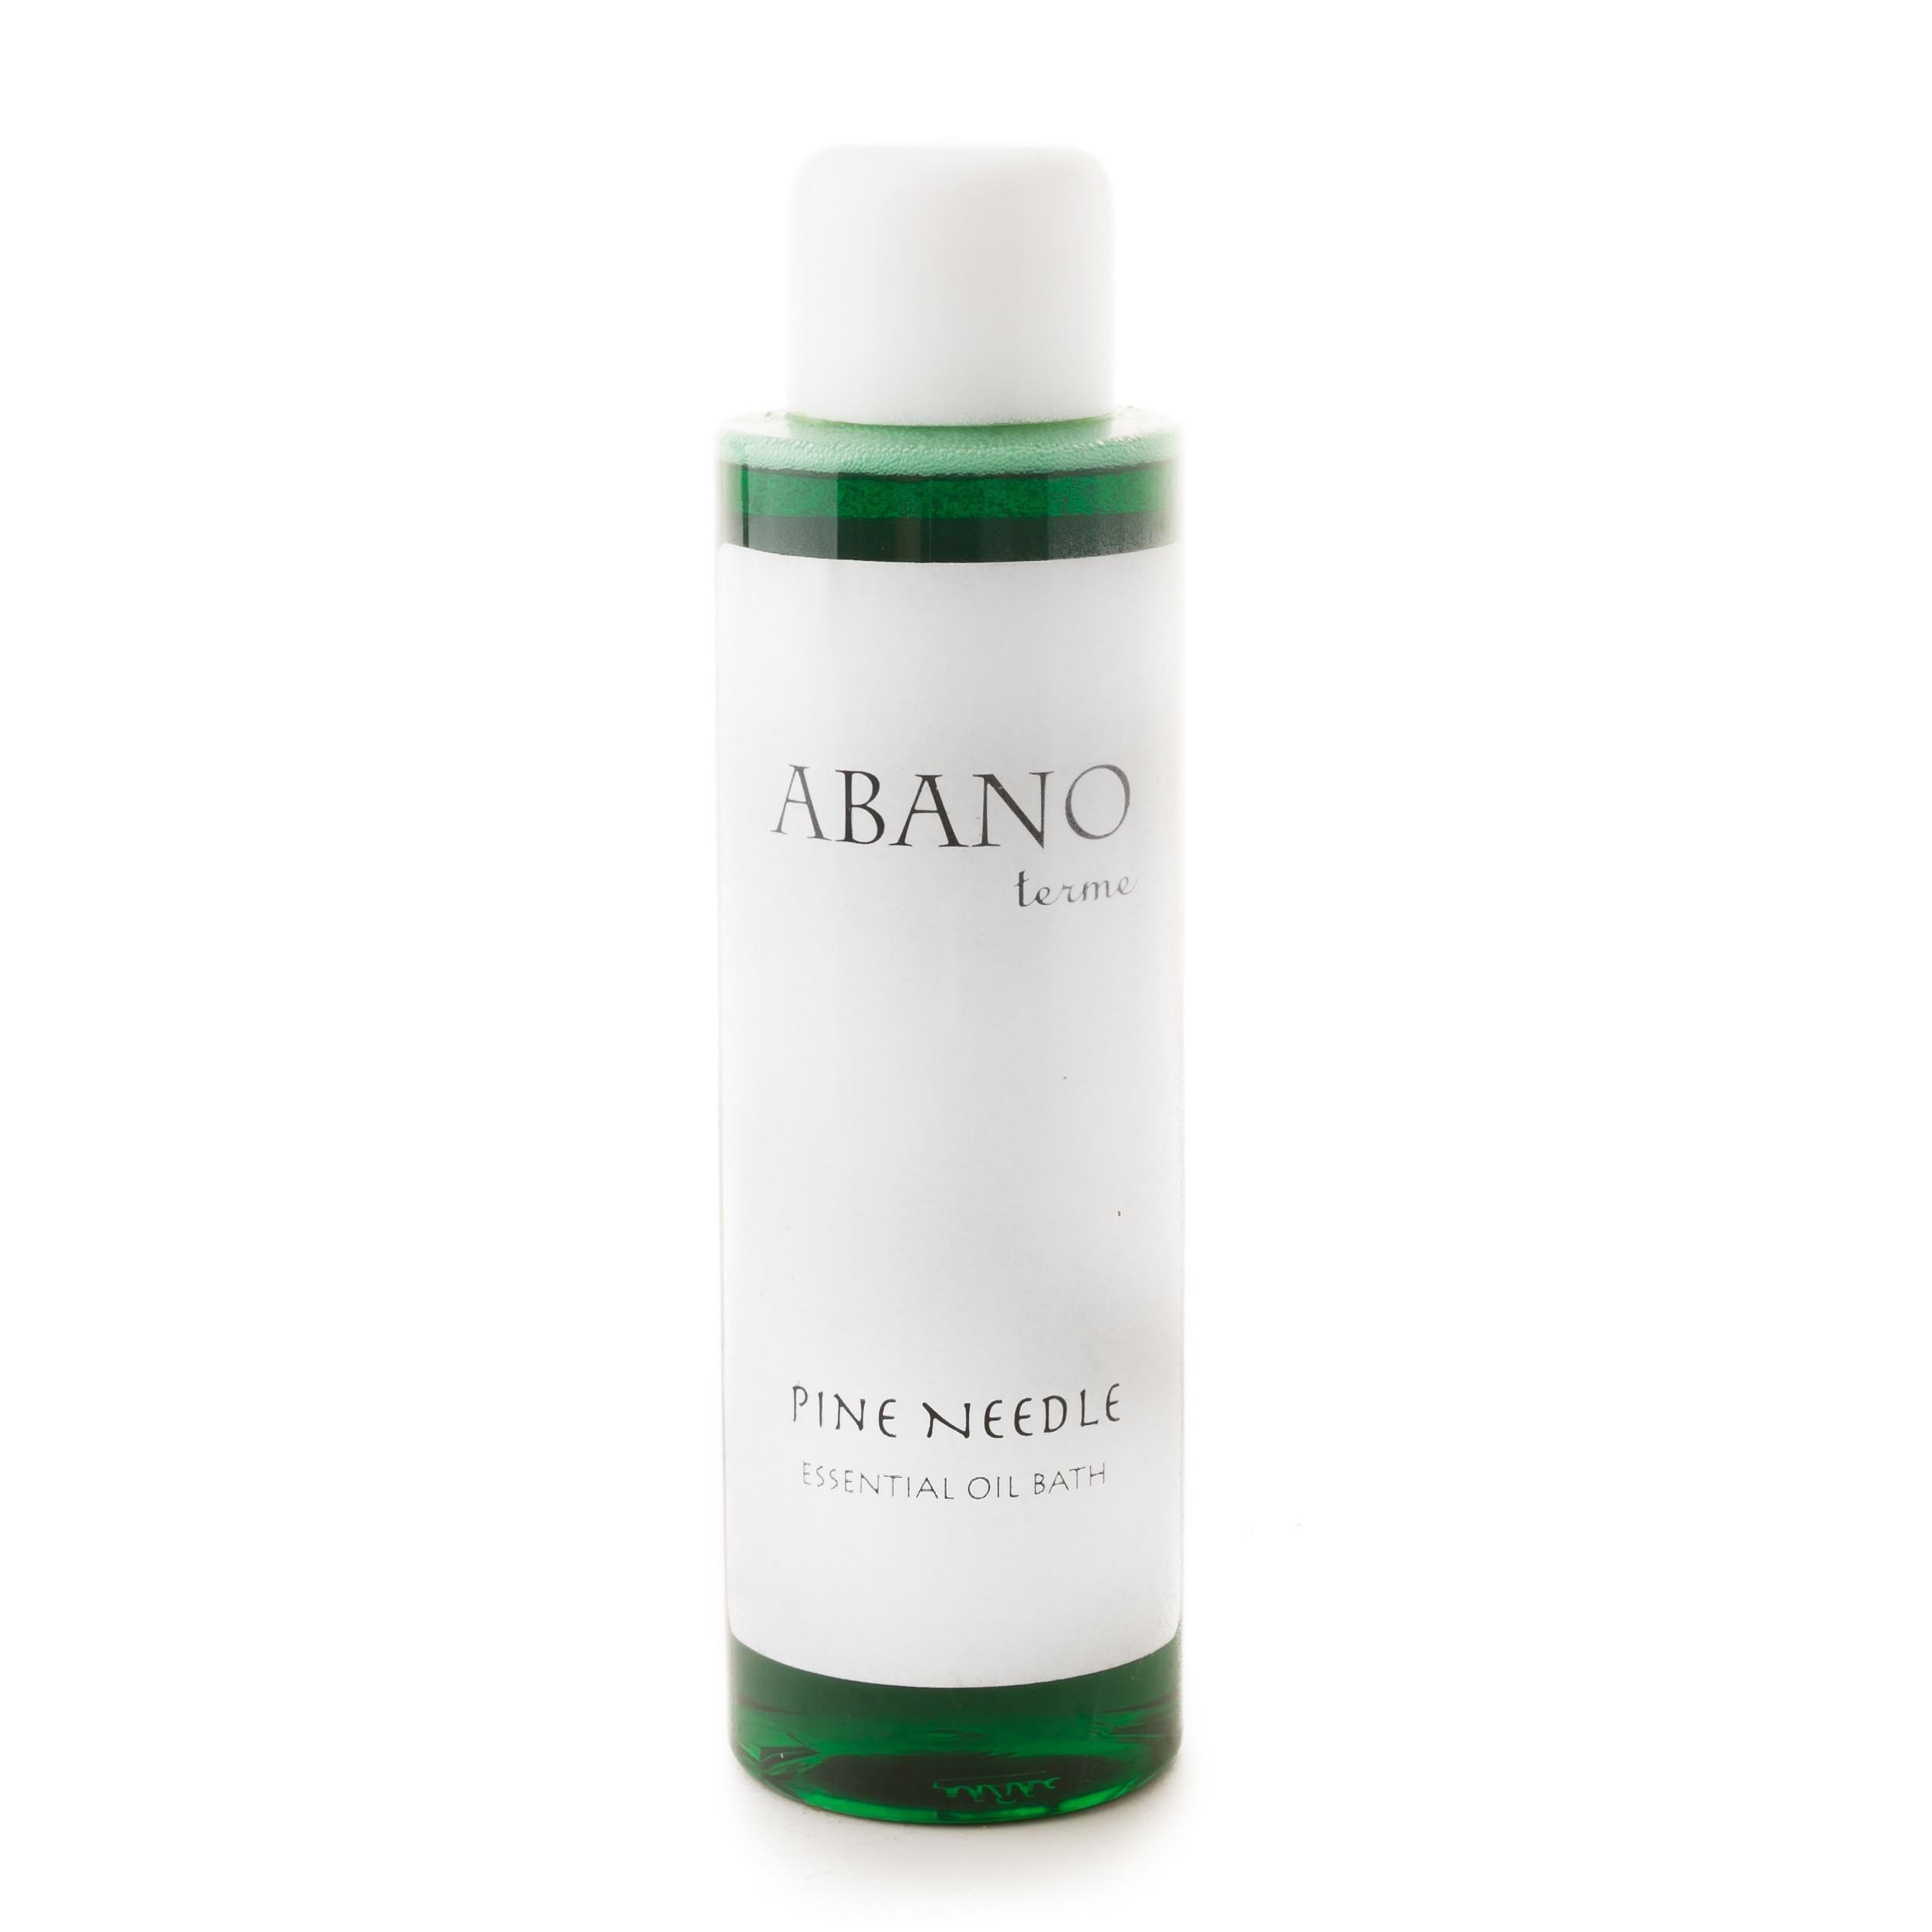 pine needle oil bath